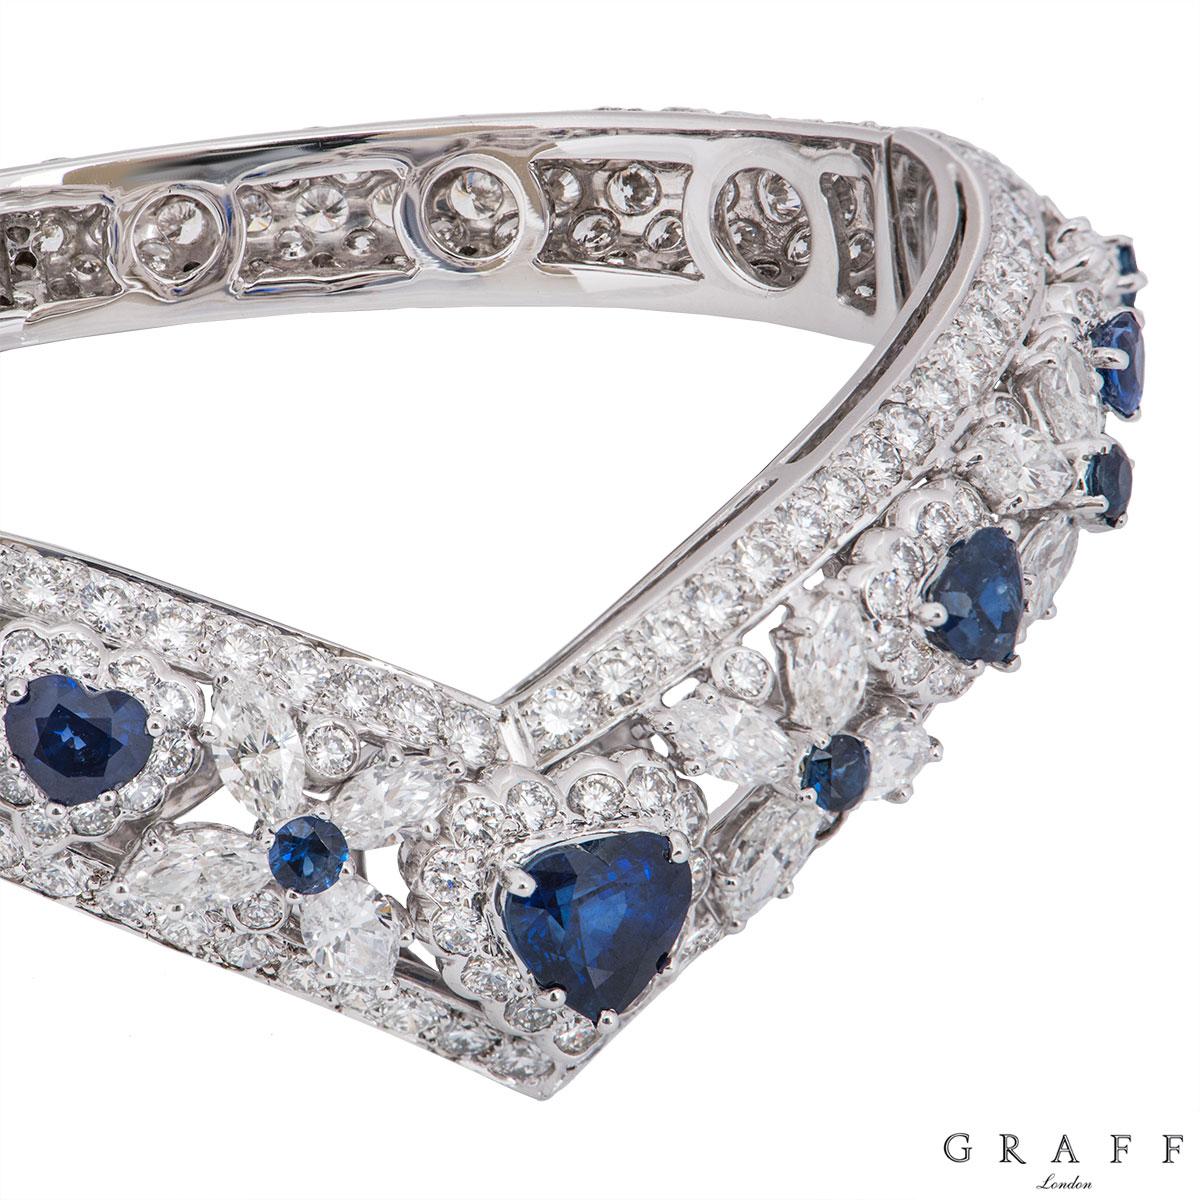 Graff White Gold Diamond, Emerald, Ruby & Sapphire Set Bangles